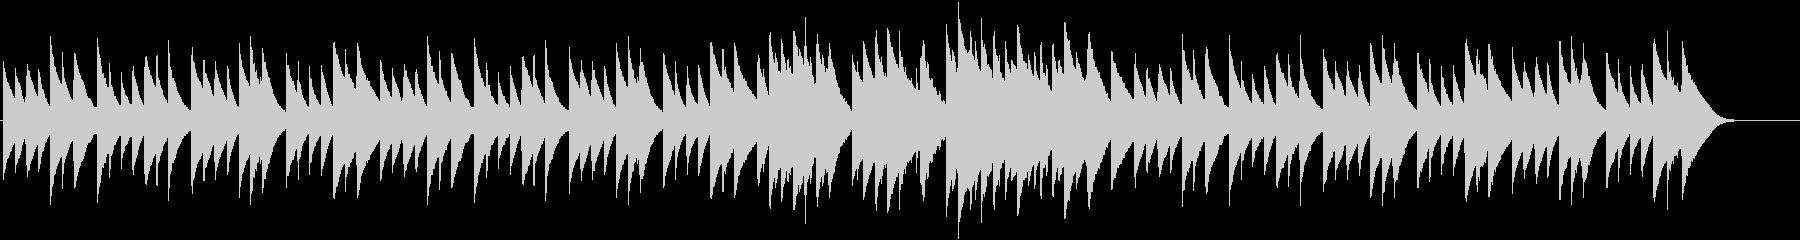 オルゴールのスローバラード。(ジングル…の未再生の波形